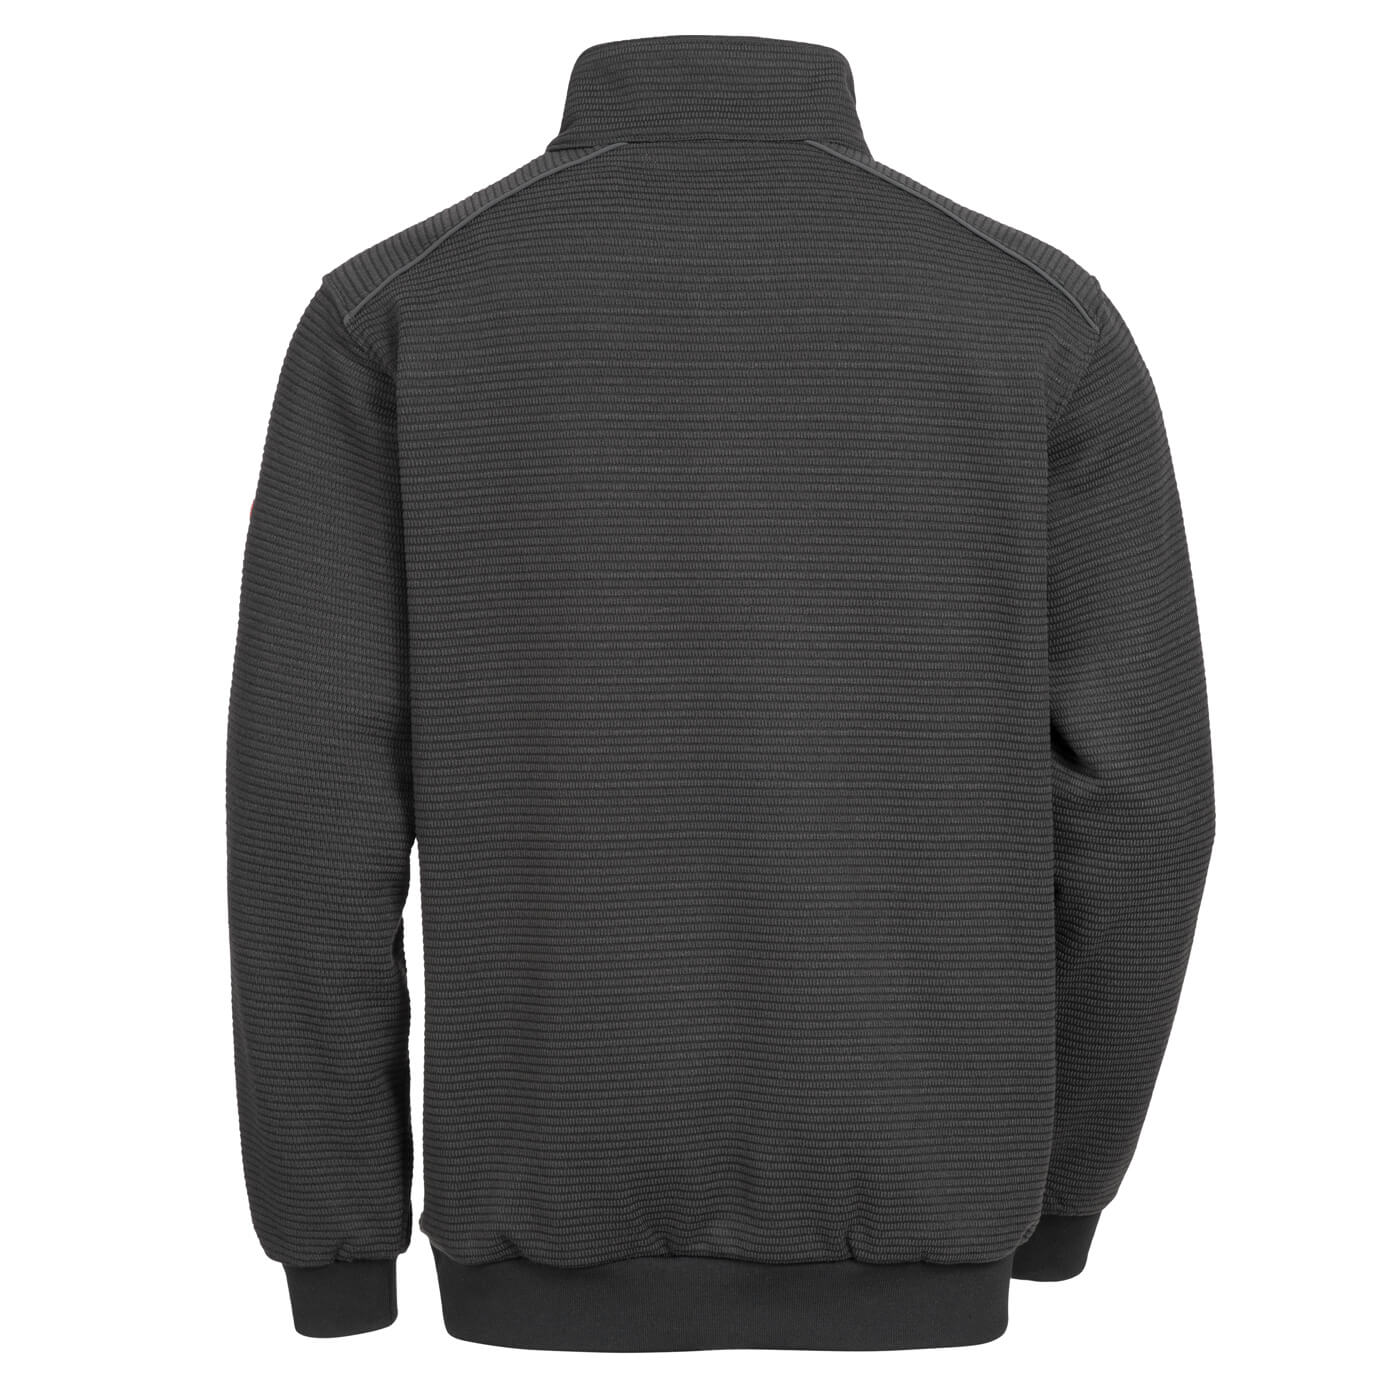 Bluza robocza Nitras 7035